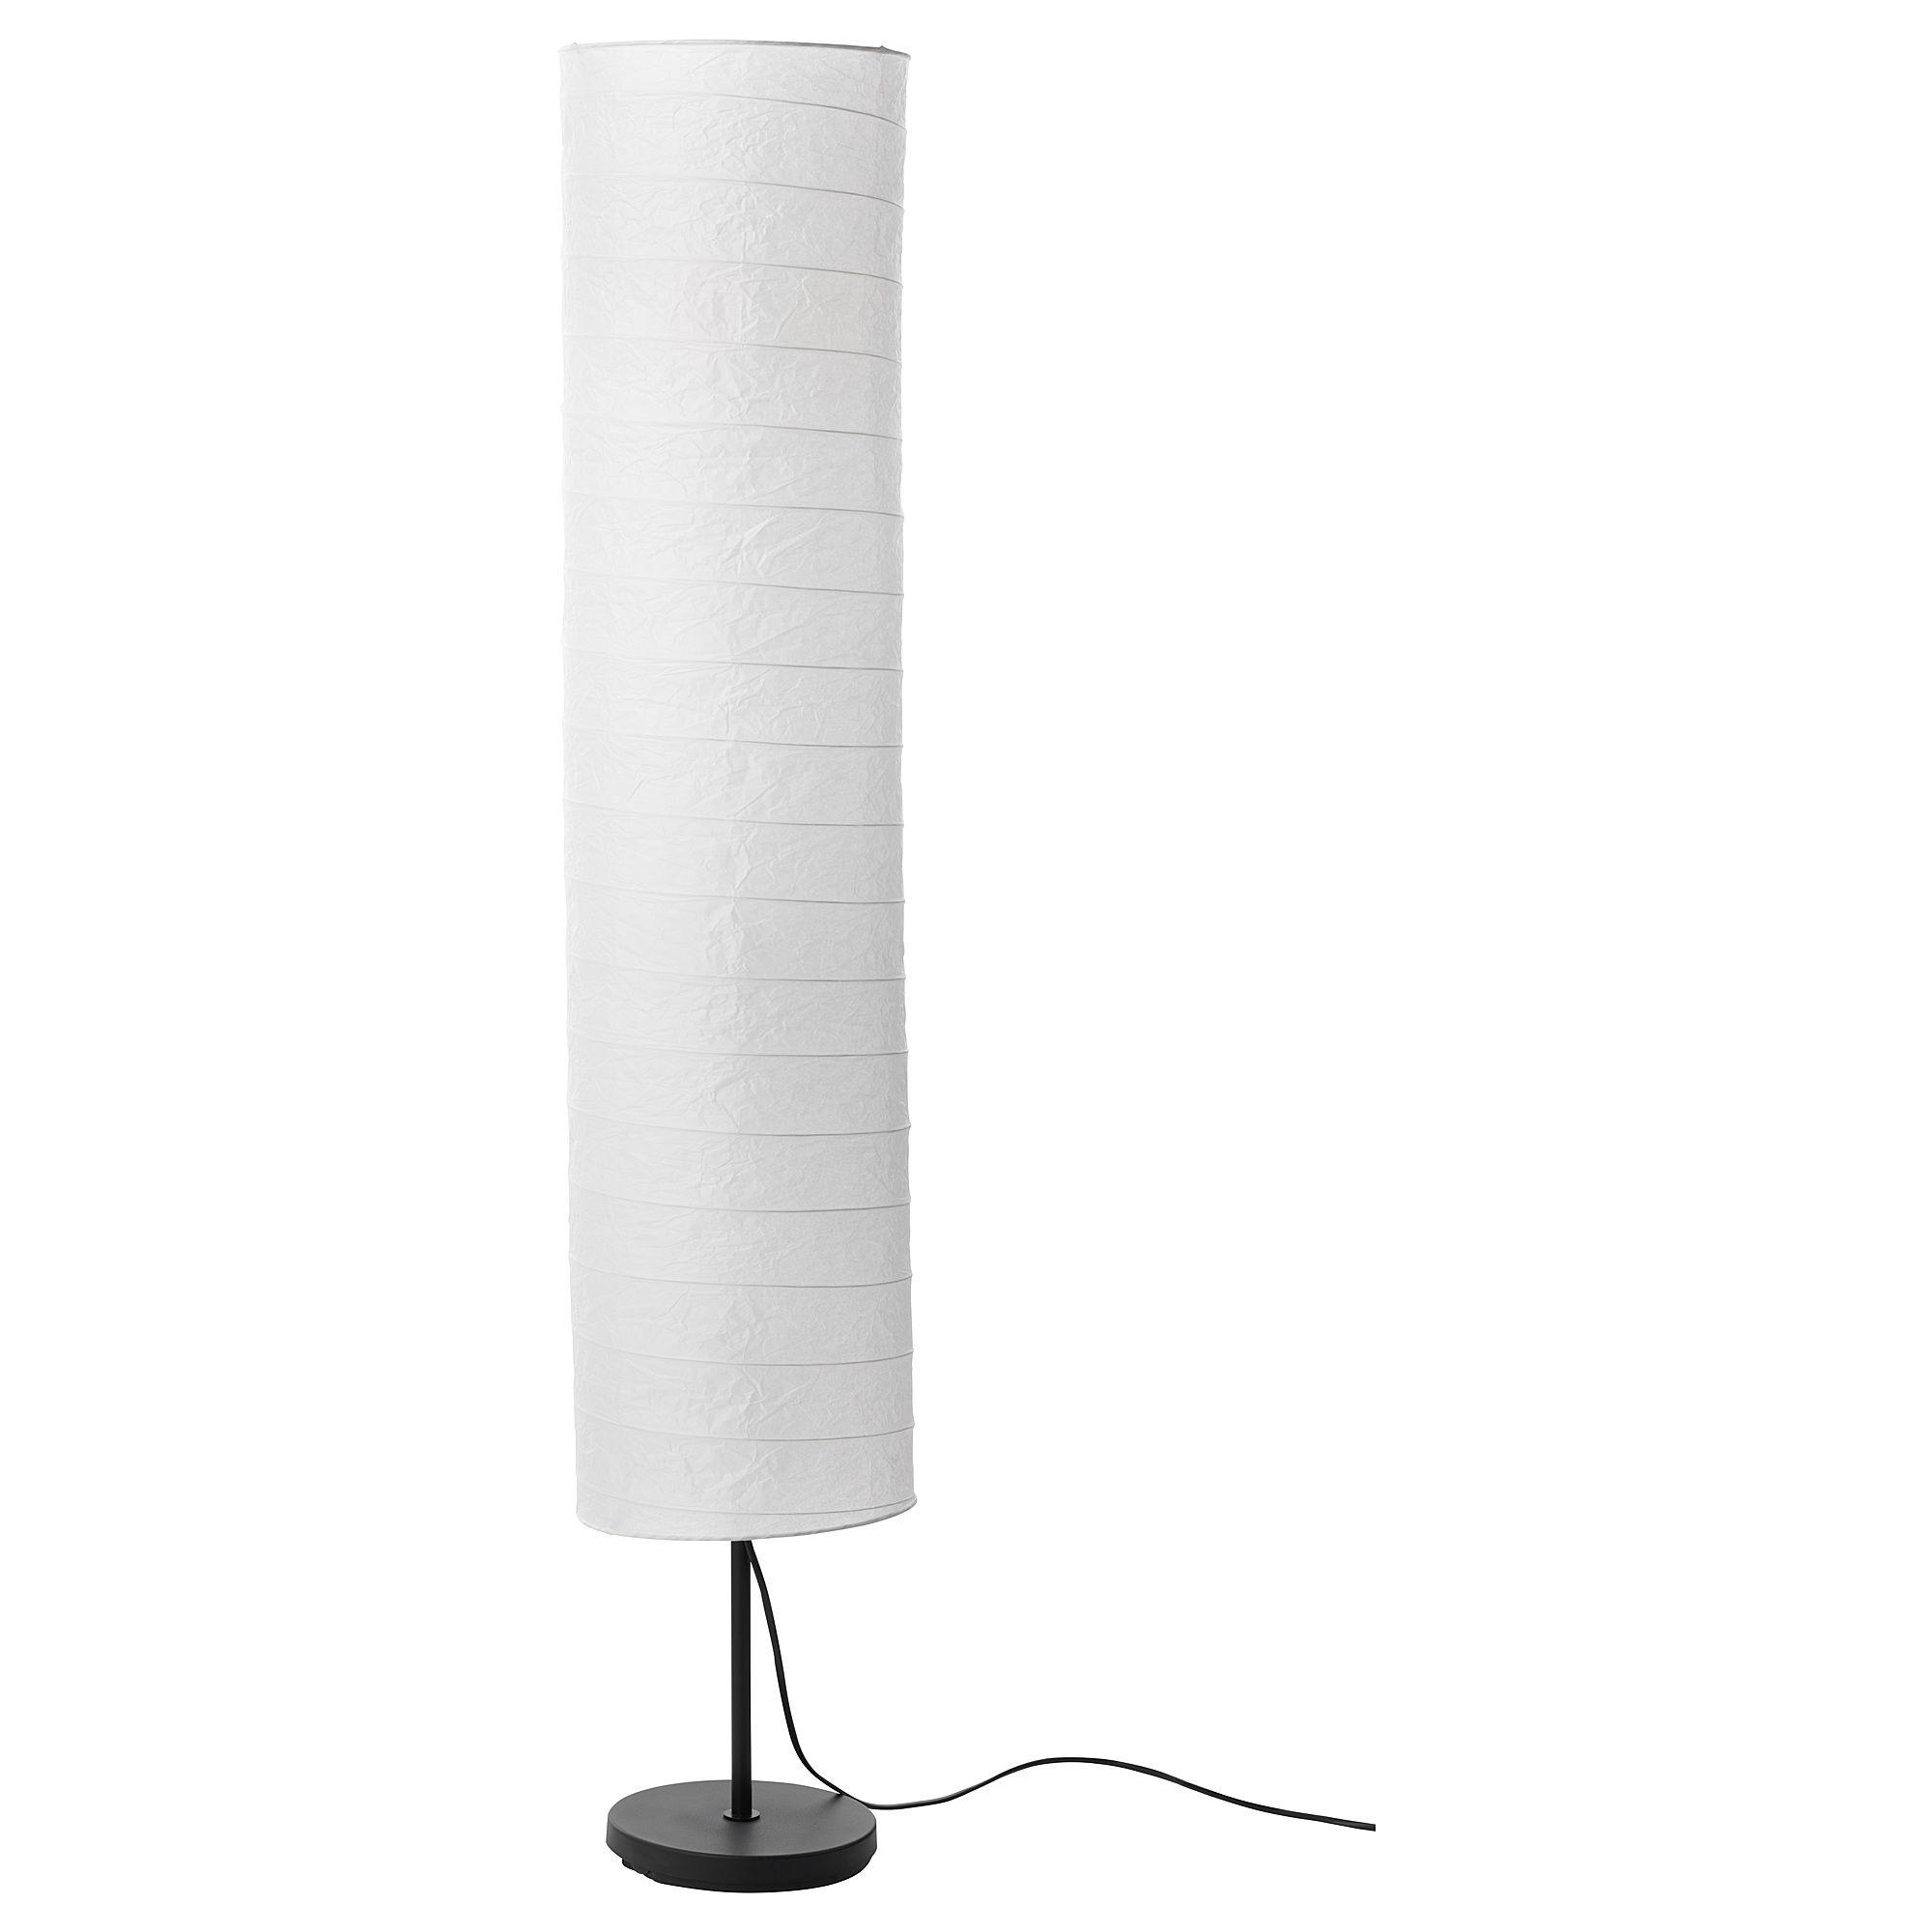 Full Size of Ikea Stehlampe Hektar Dimmen Lampenschirm Lampe Schirm Holm Standleuchte Sterreich Wohnzimmer Modulküche Schlafzimmer Betten Bei Küche Kosten Stehlampen Wohnzimmer Ikea Stehlampe